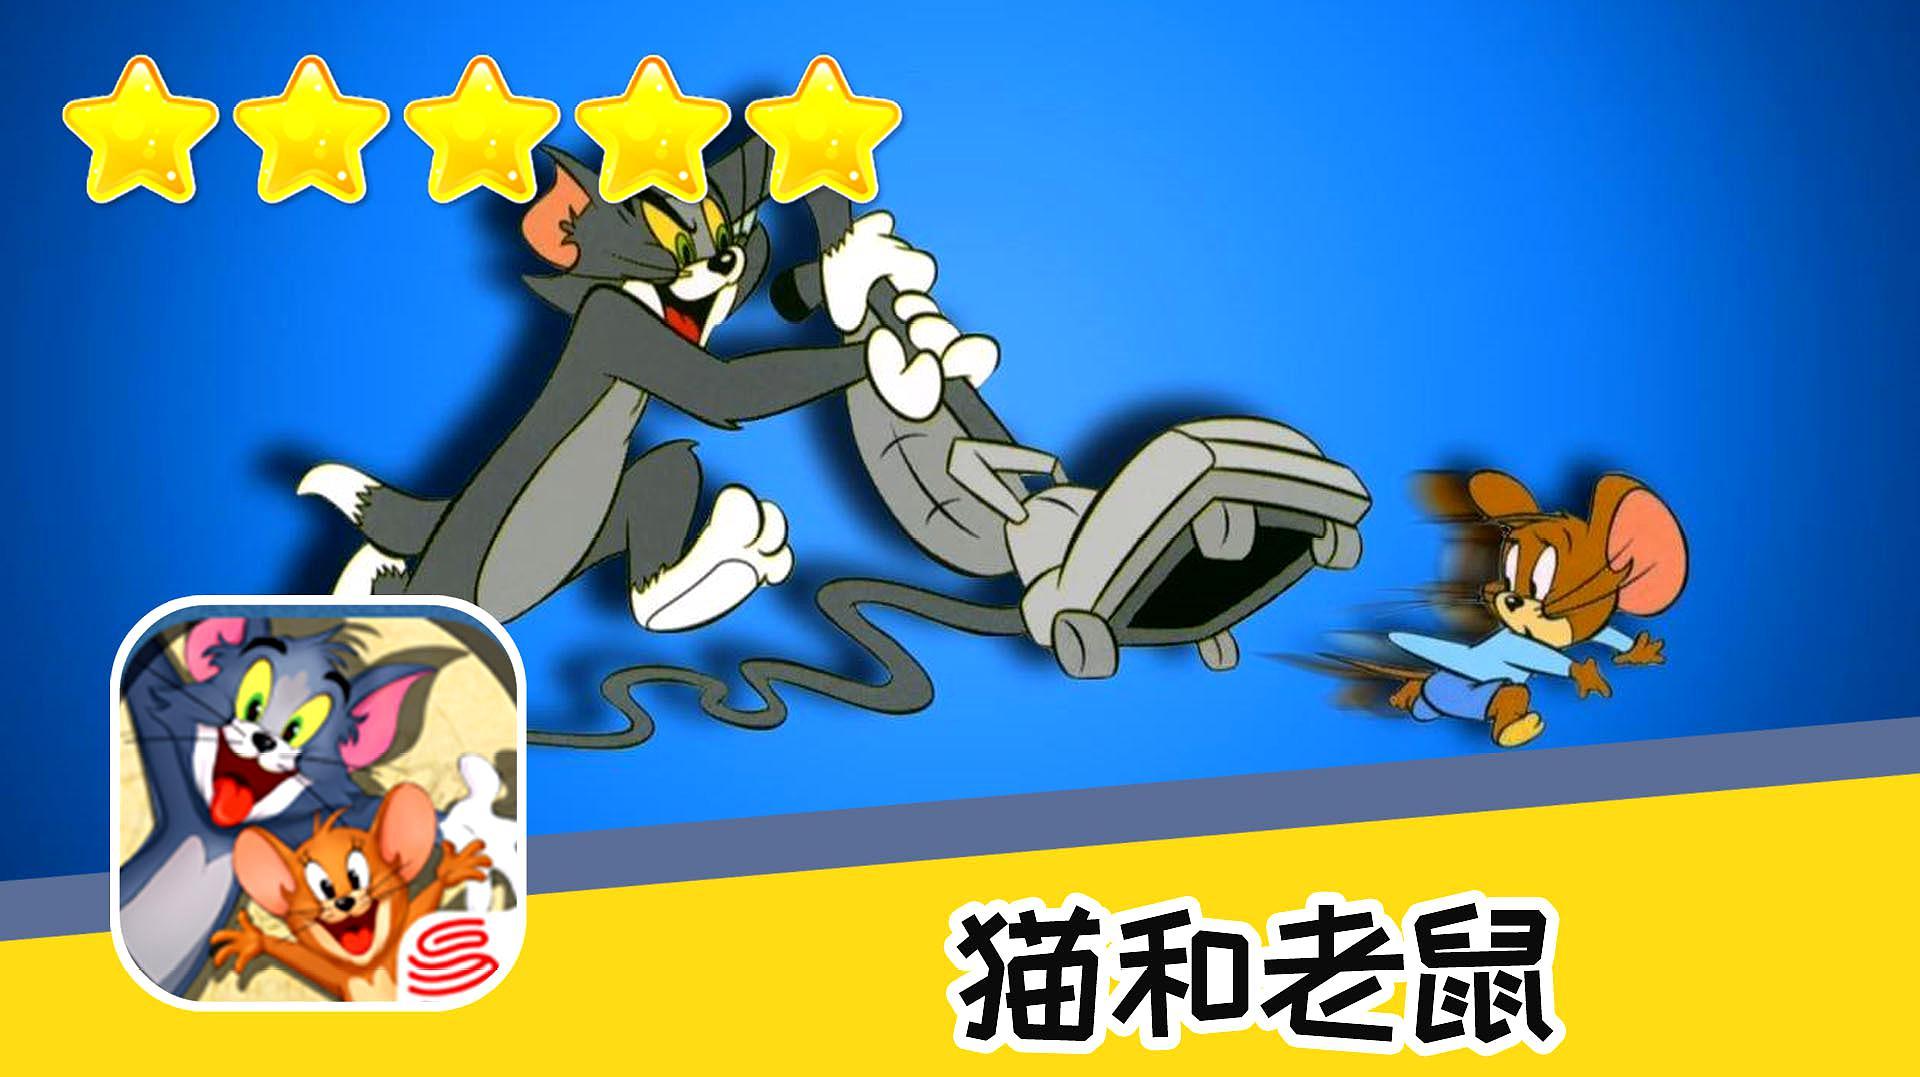 猫和老鼠游戏怎么玩